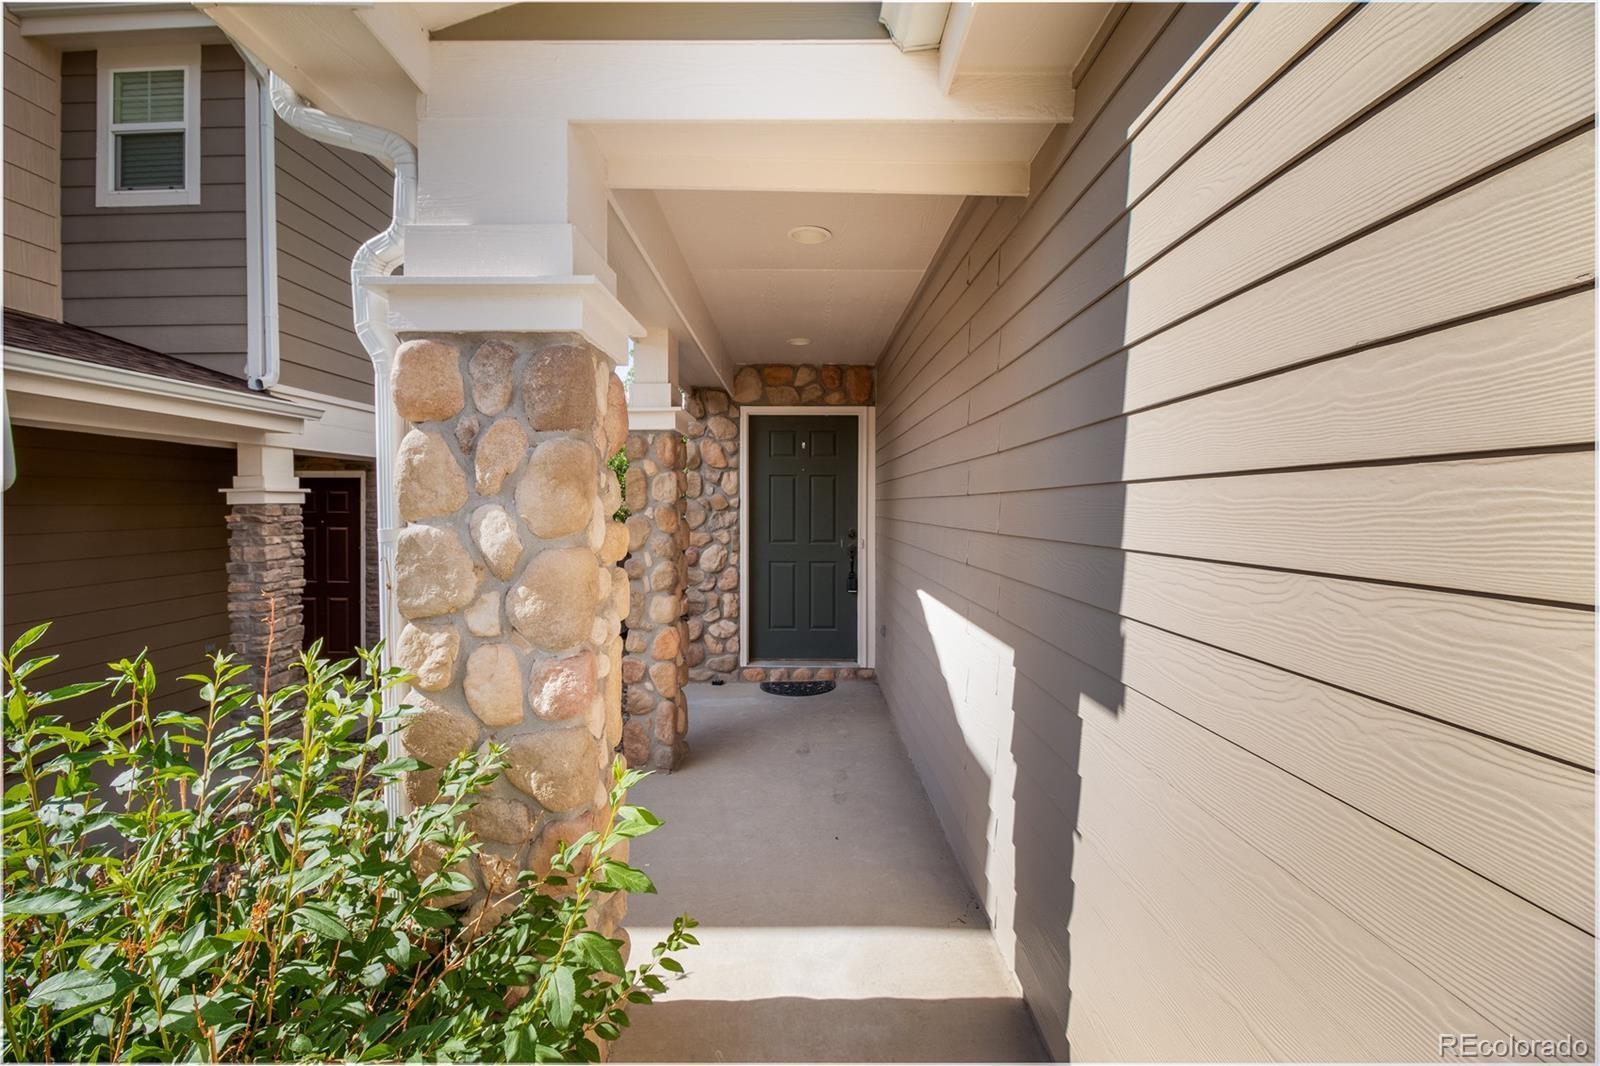 MLS# 9263654 - 3 - 6045 Turnstone Place, Castle Rock, CO 80104